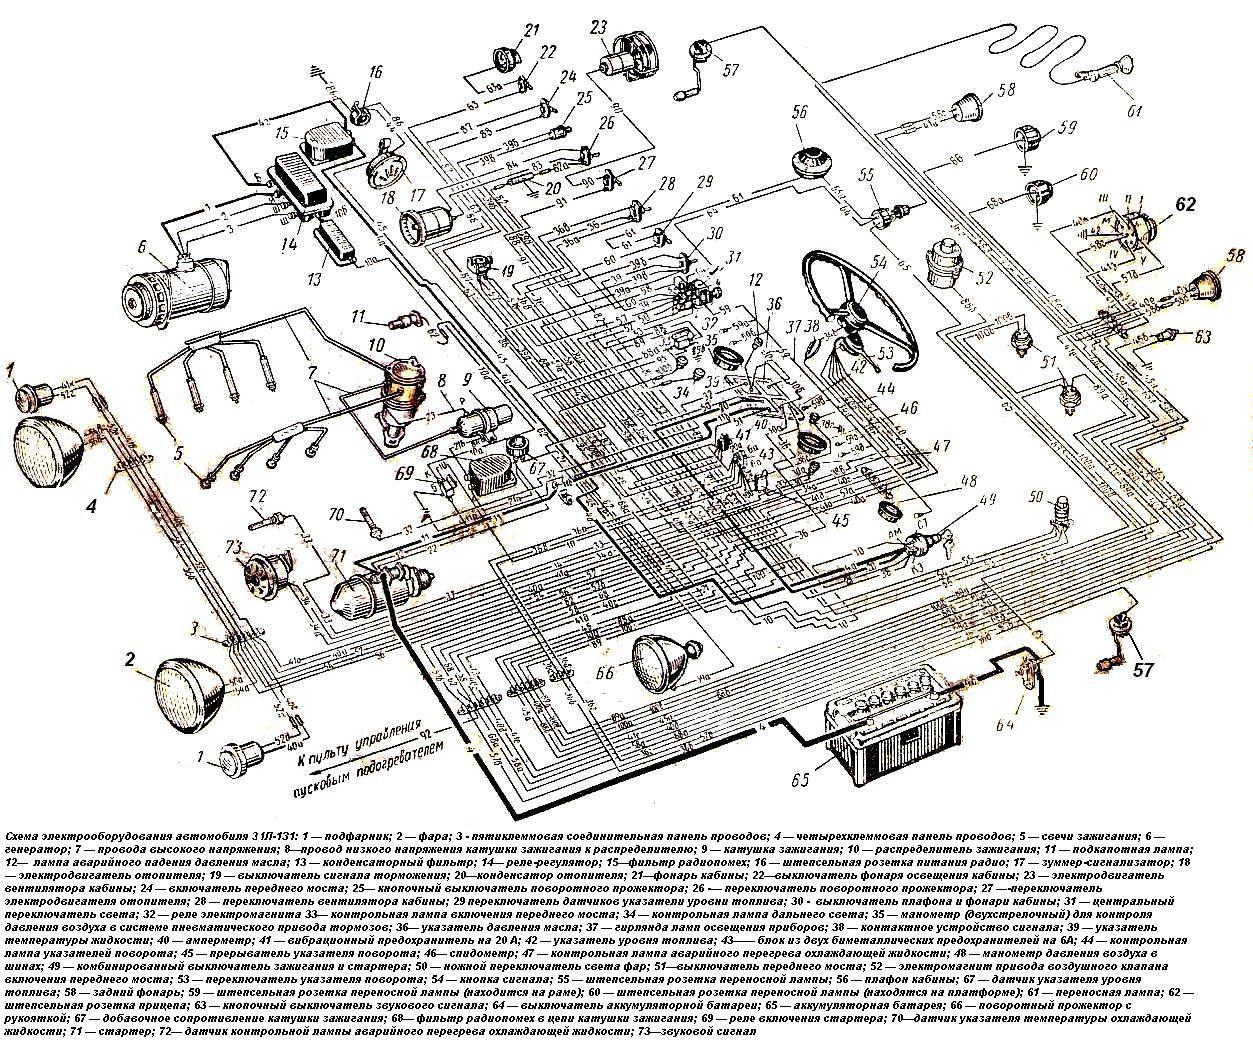 структурная схема системы электроснабжения автомобиля